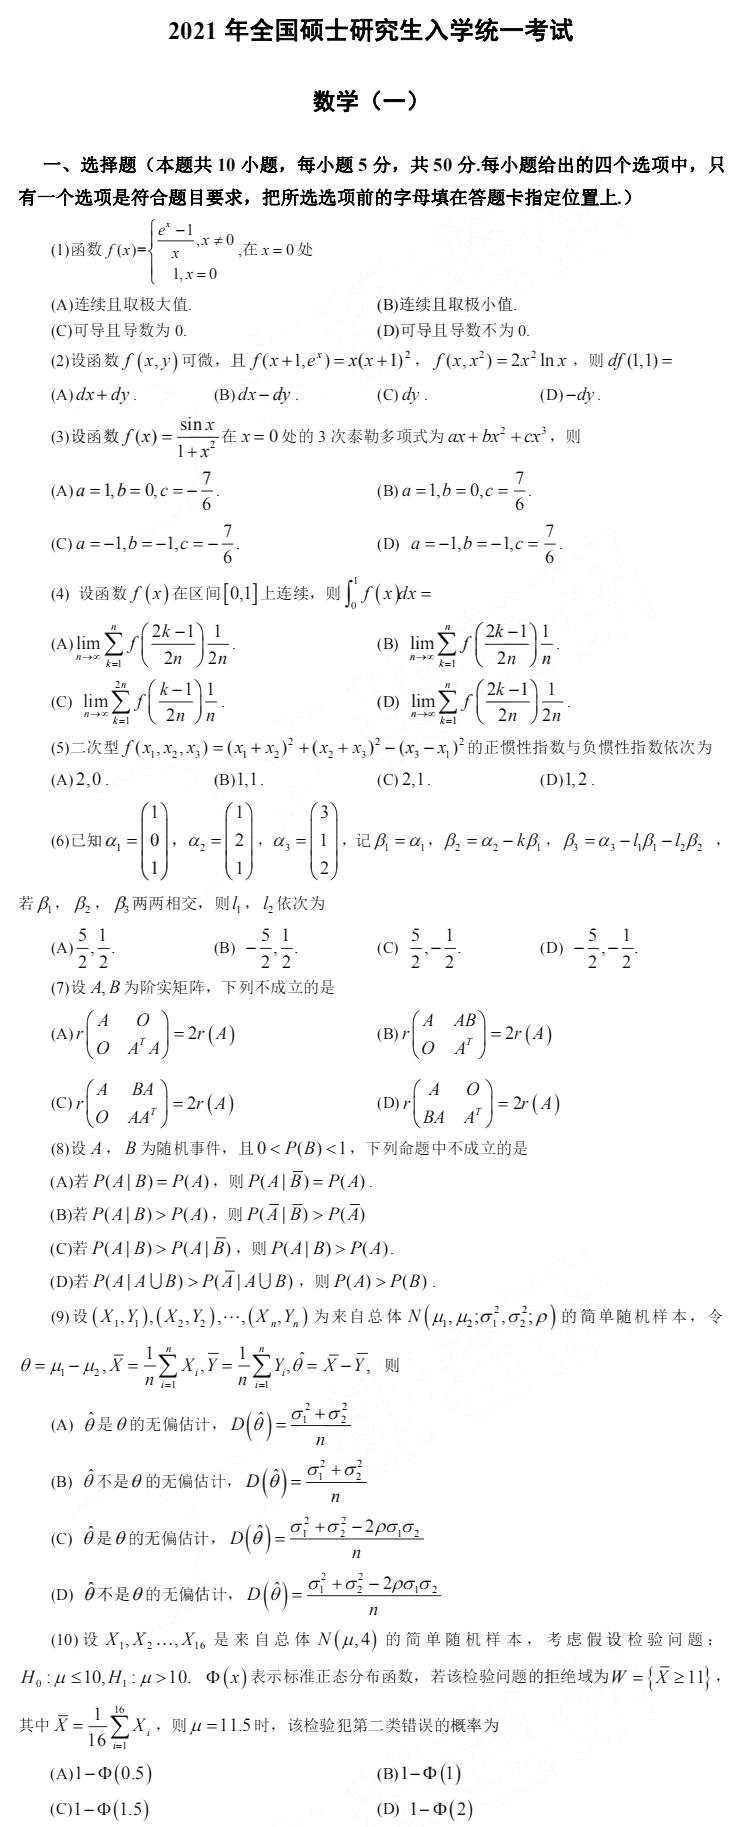 2021年考研《数学一》真题(完整版)